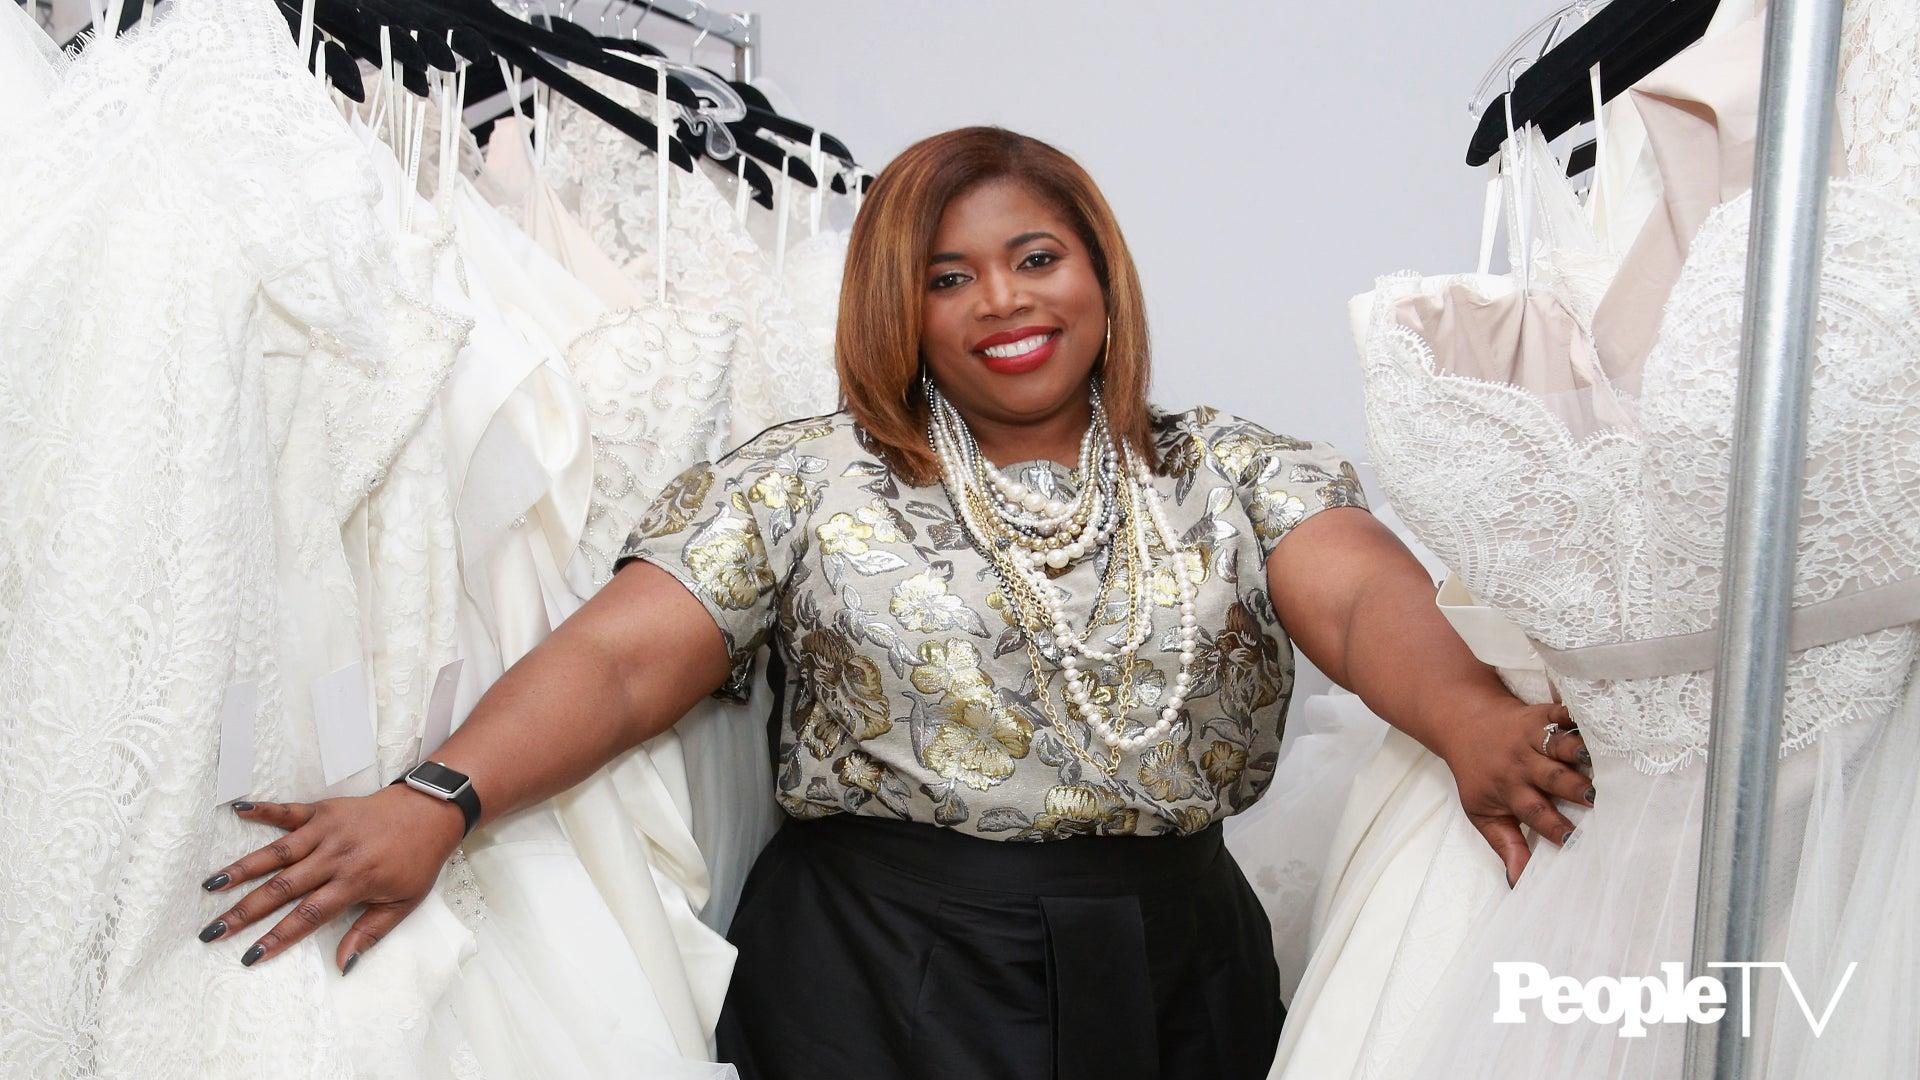 Chicago Plus Size Bridal Boutique Body Positive Haven For ...